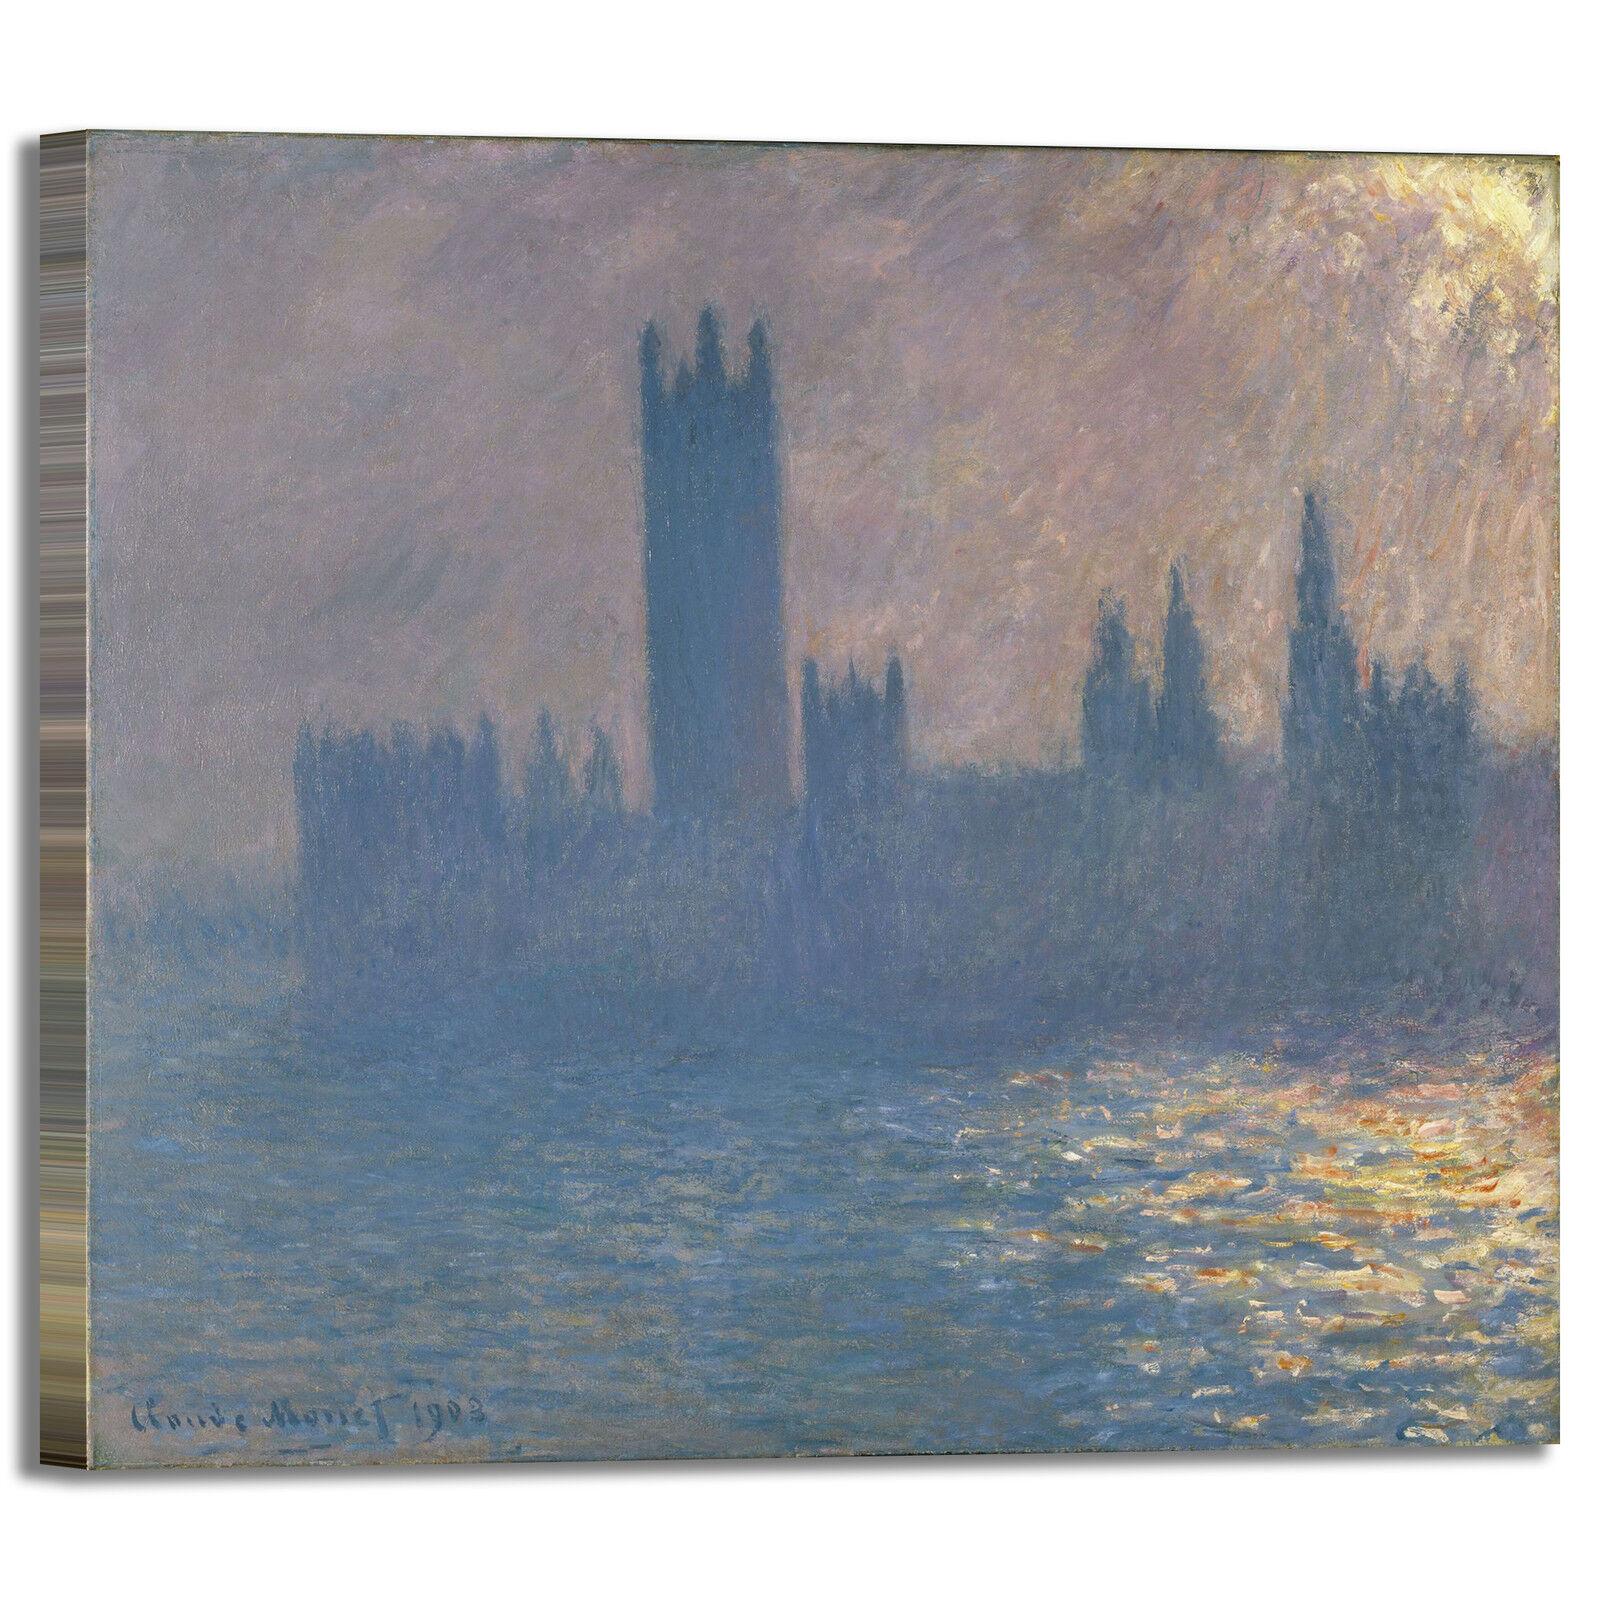 Monet parlamento design quadro stampa tela dipinto telaio arroto casa